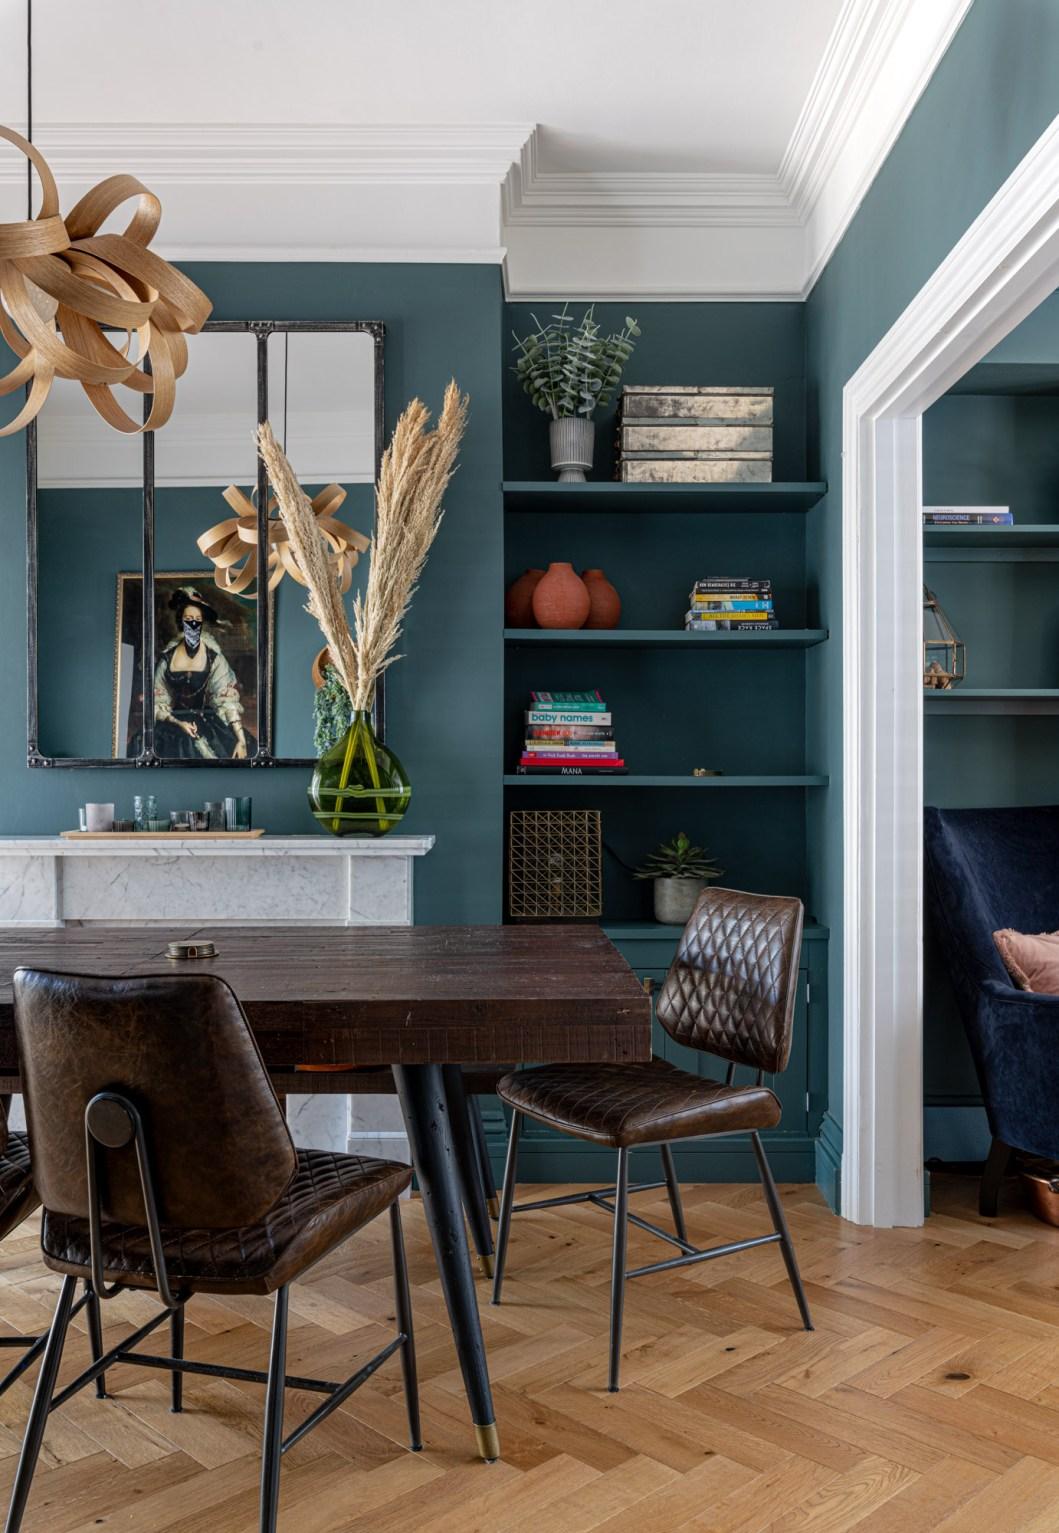 Hove Home Interior